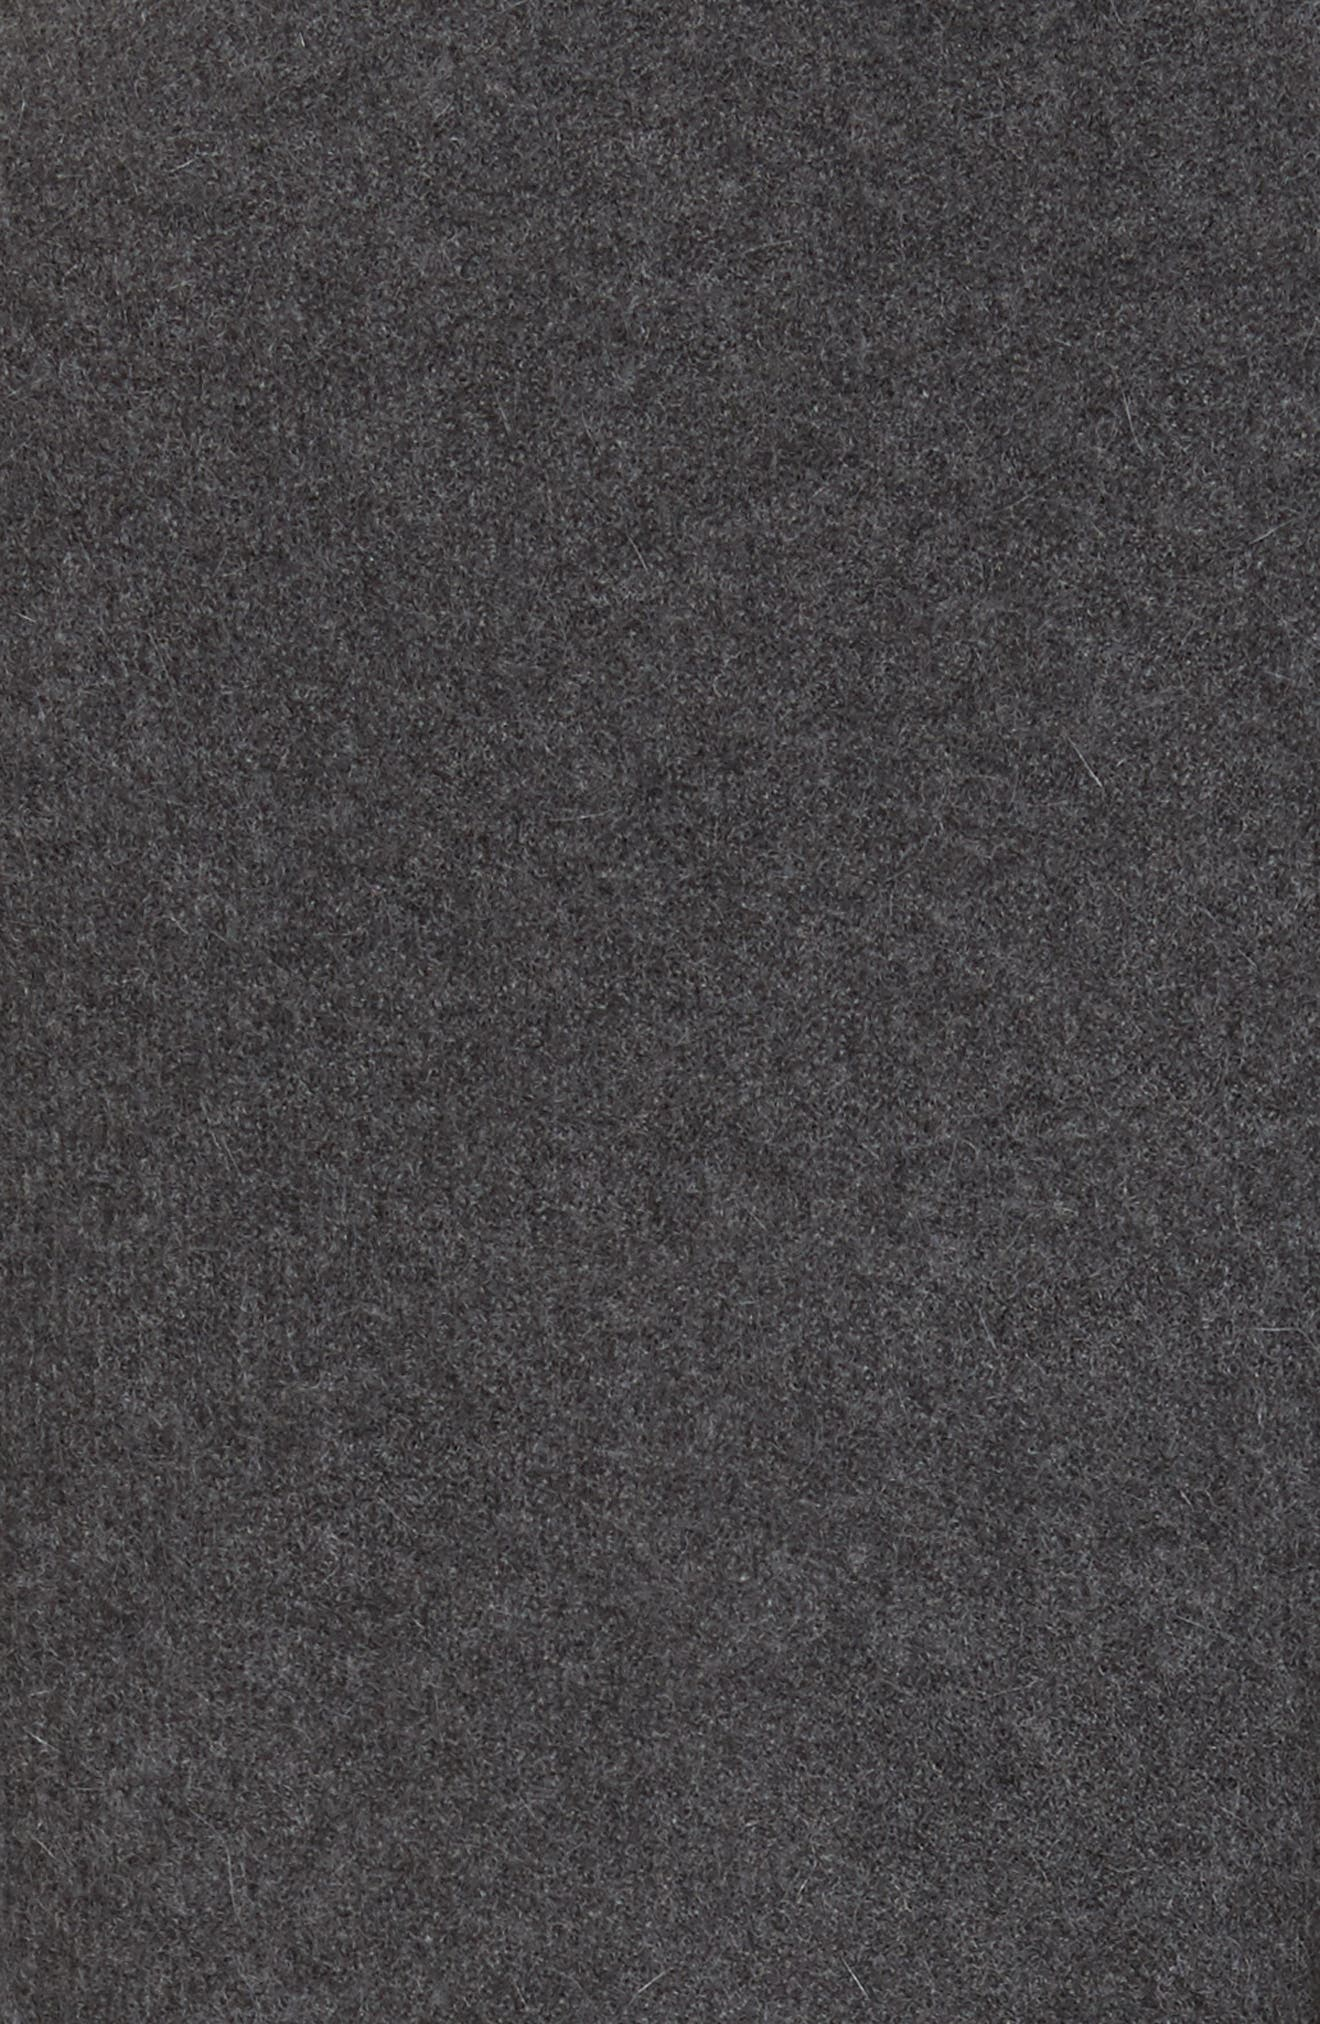 Sorin Merino Wool Blend Wrap Vest,                             Alternate thumbnail 5, color,                             020